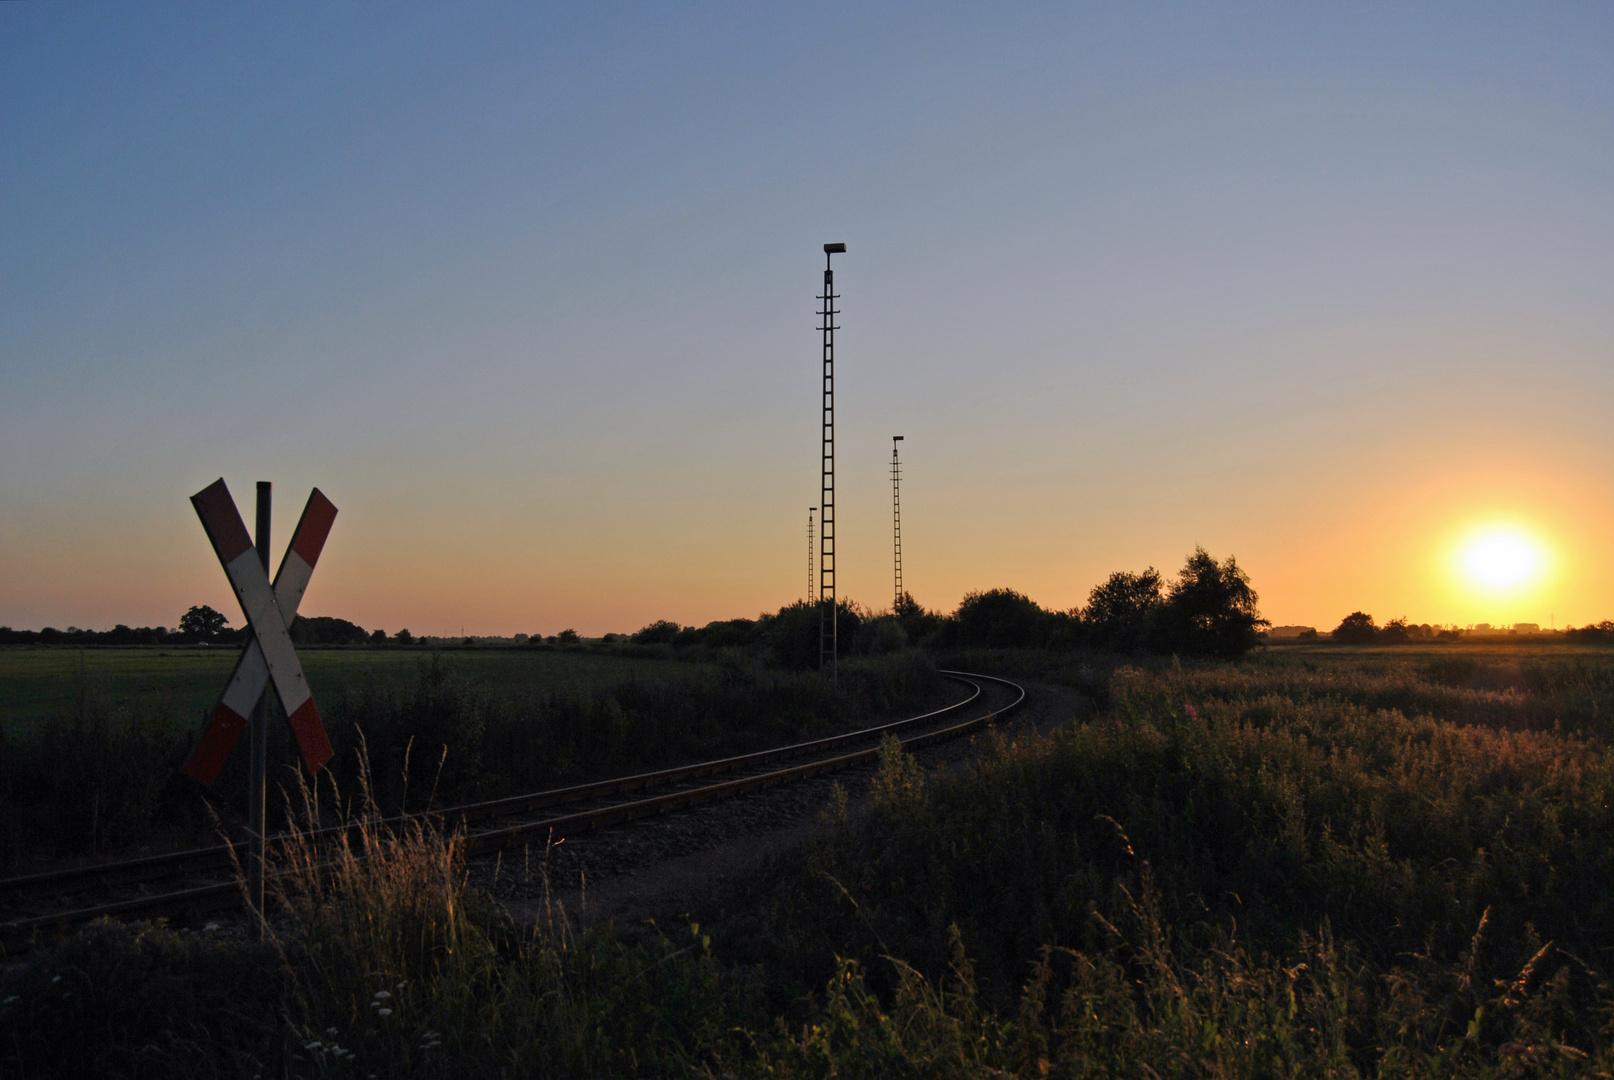 Sonnenuntergang an der Bahn